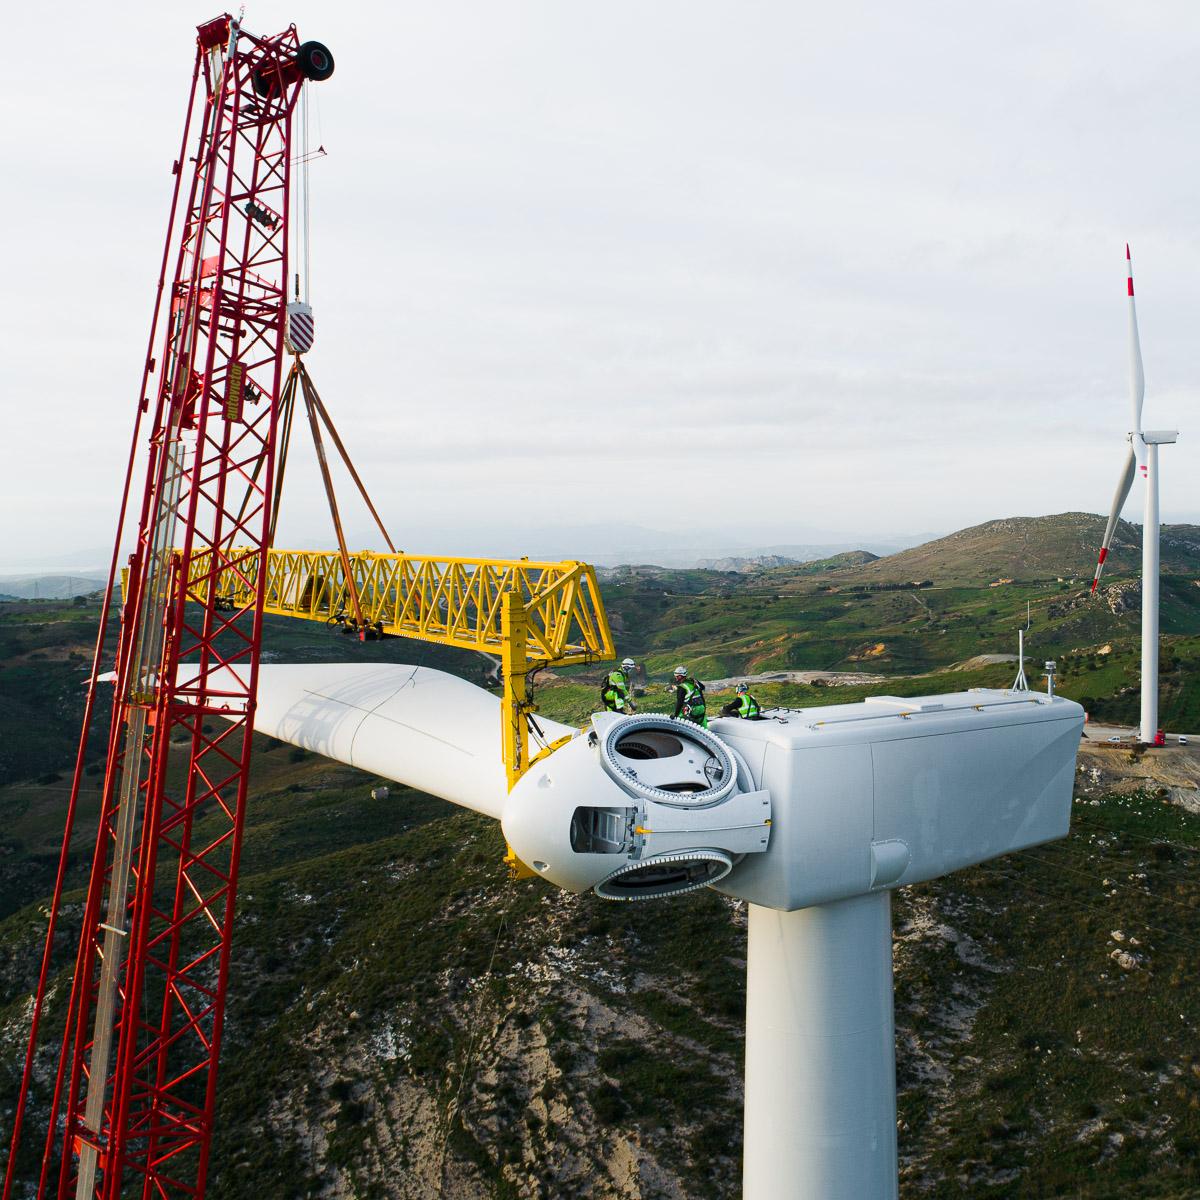 DJI_0466_antonello-zoffoli-fotografia-aerea-drone_torri-eoliche-industriale-Tozzi-green-Ravenna-testata-square